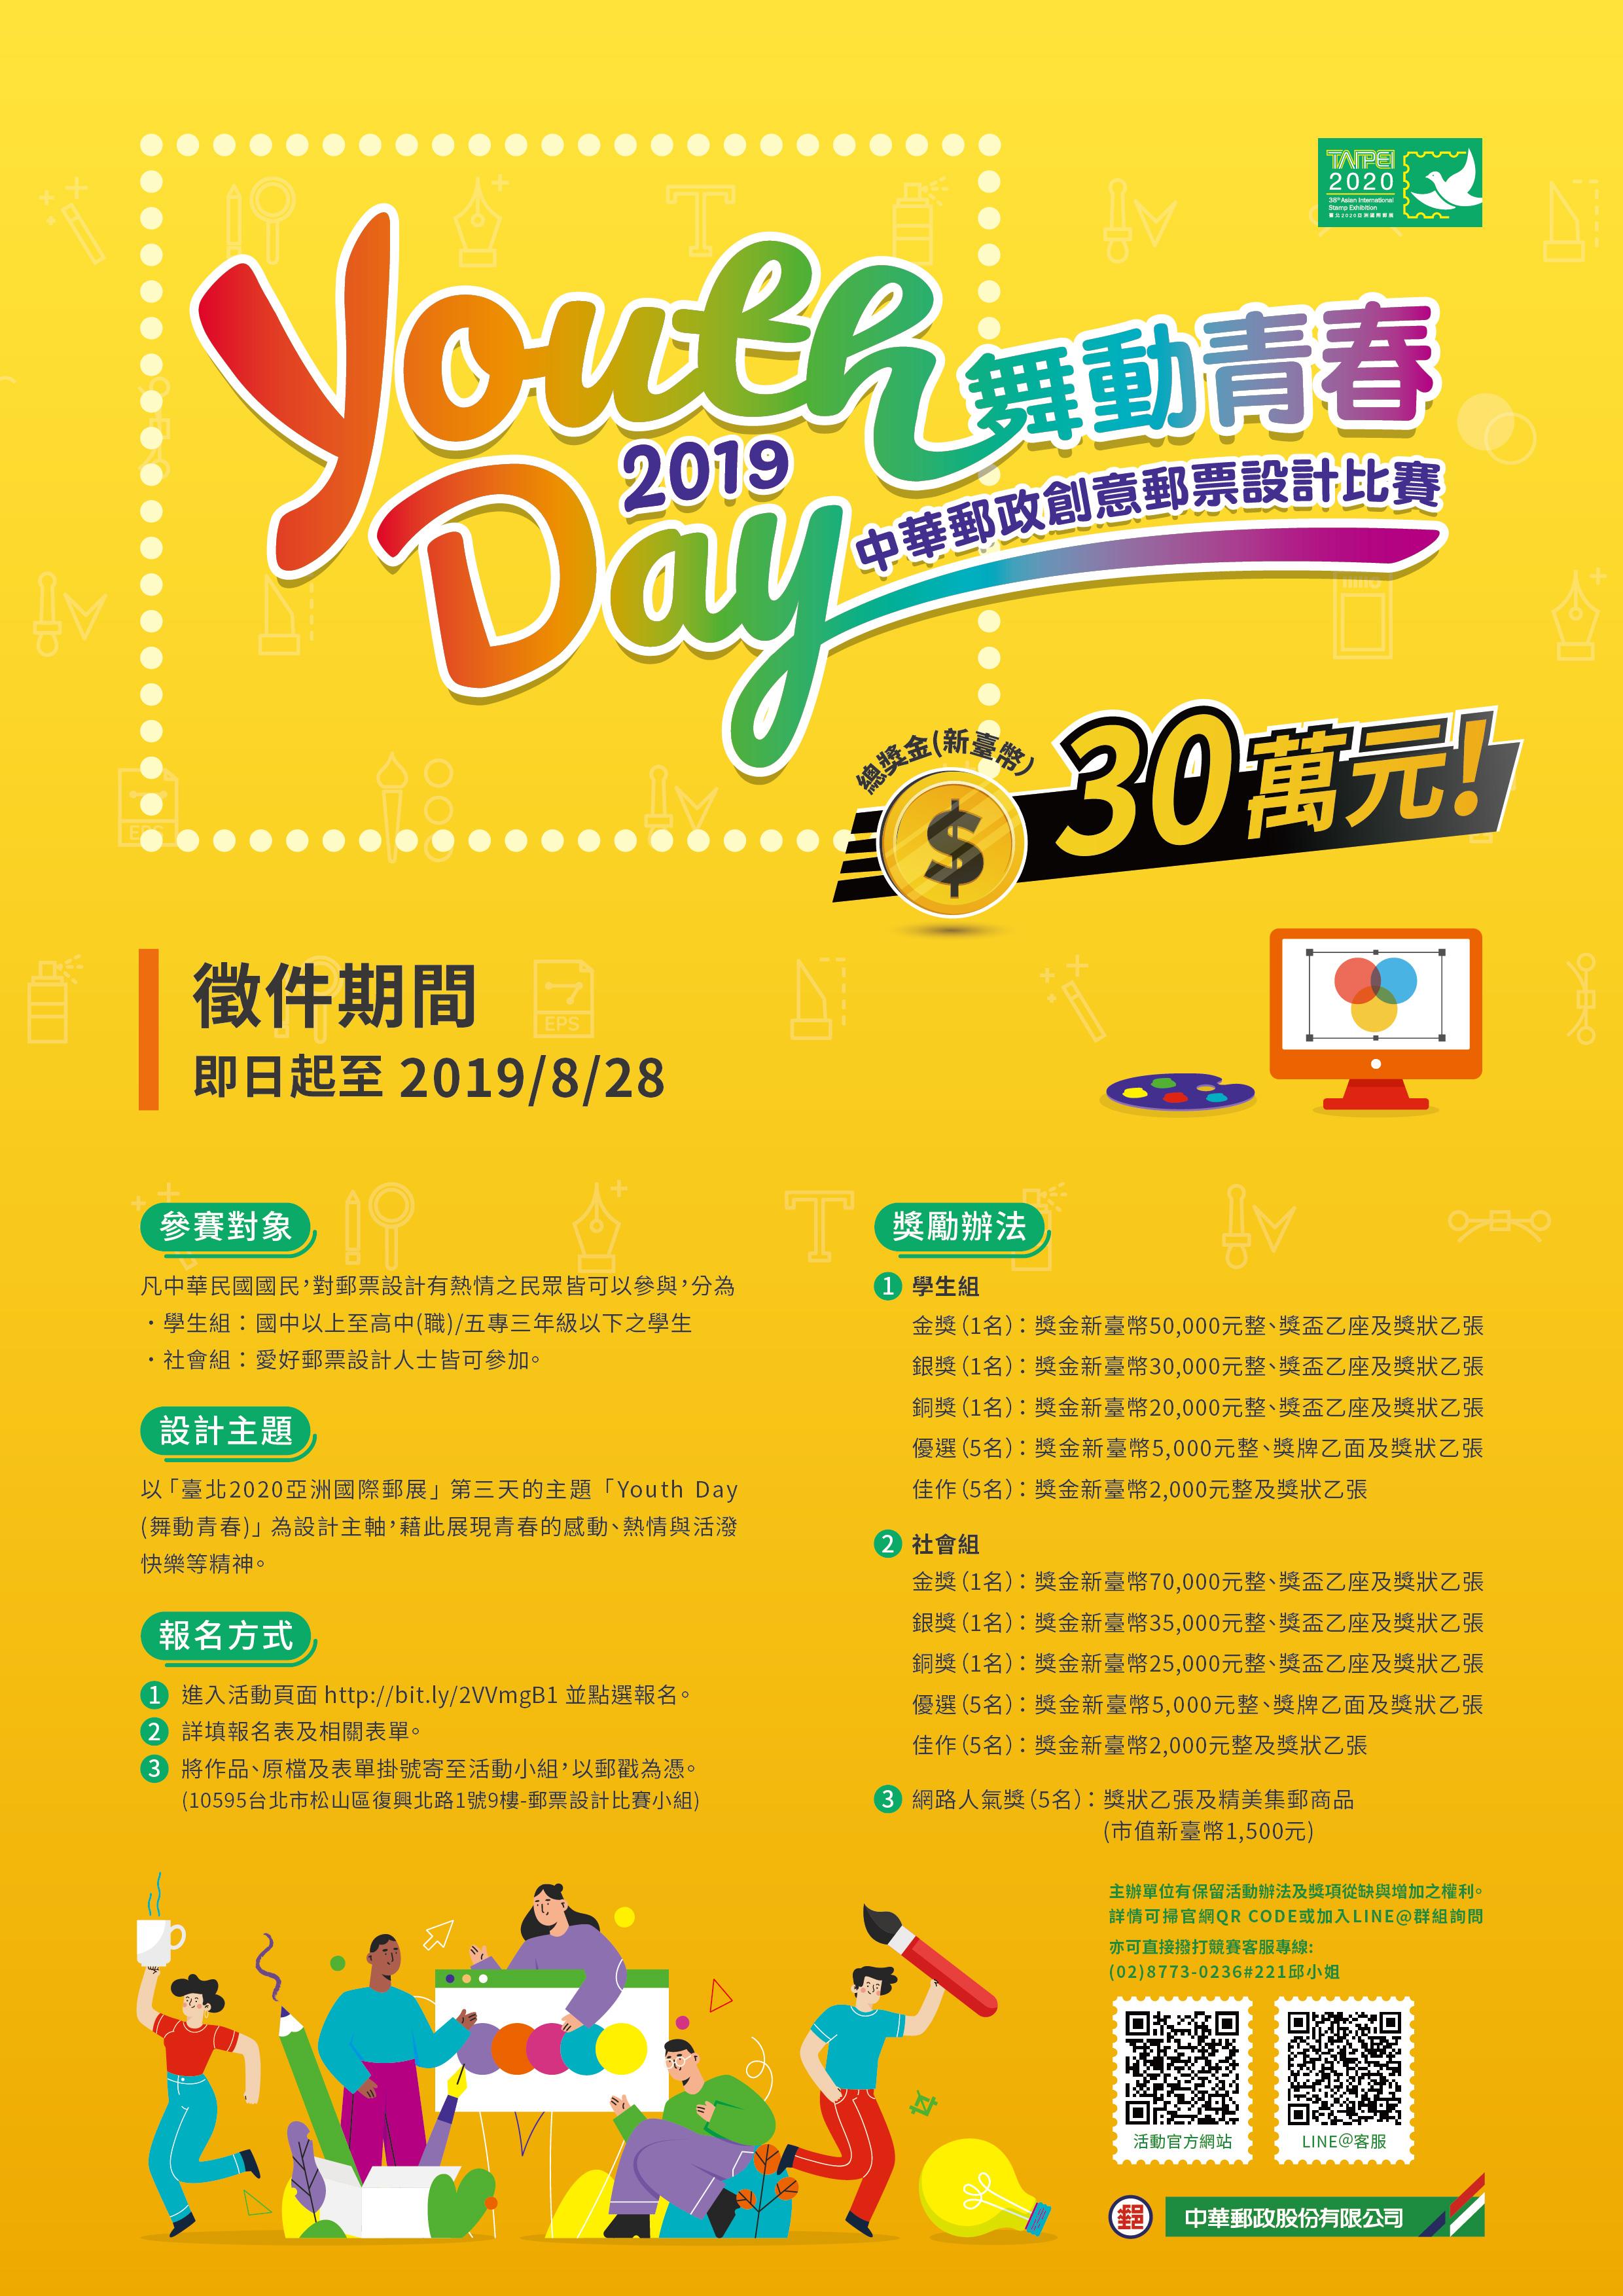 2019中華郵政創意郵票設計比賽  激盪巧思  舞動青春